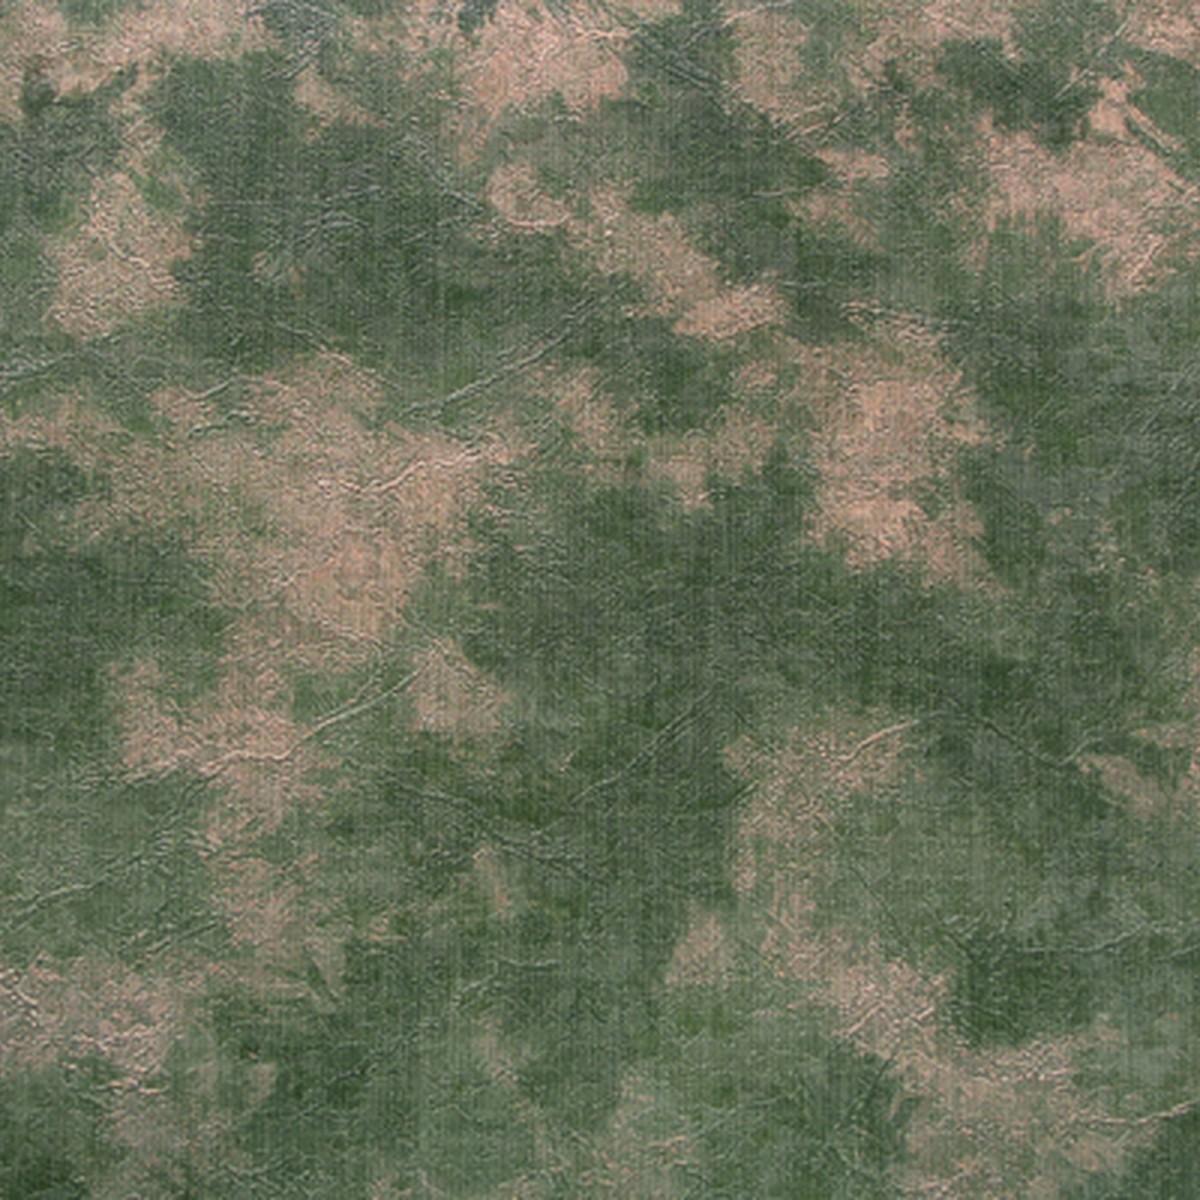 Обои виниловые Прима 0.53х10 м фон зеленый Эл 25205